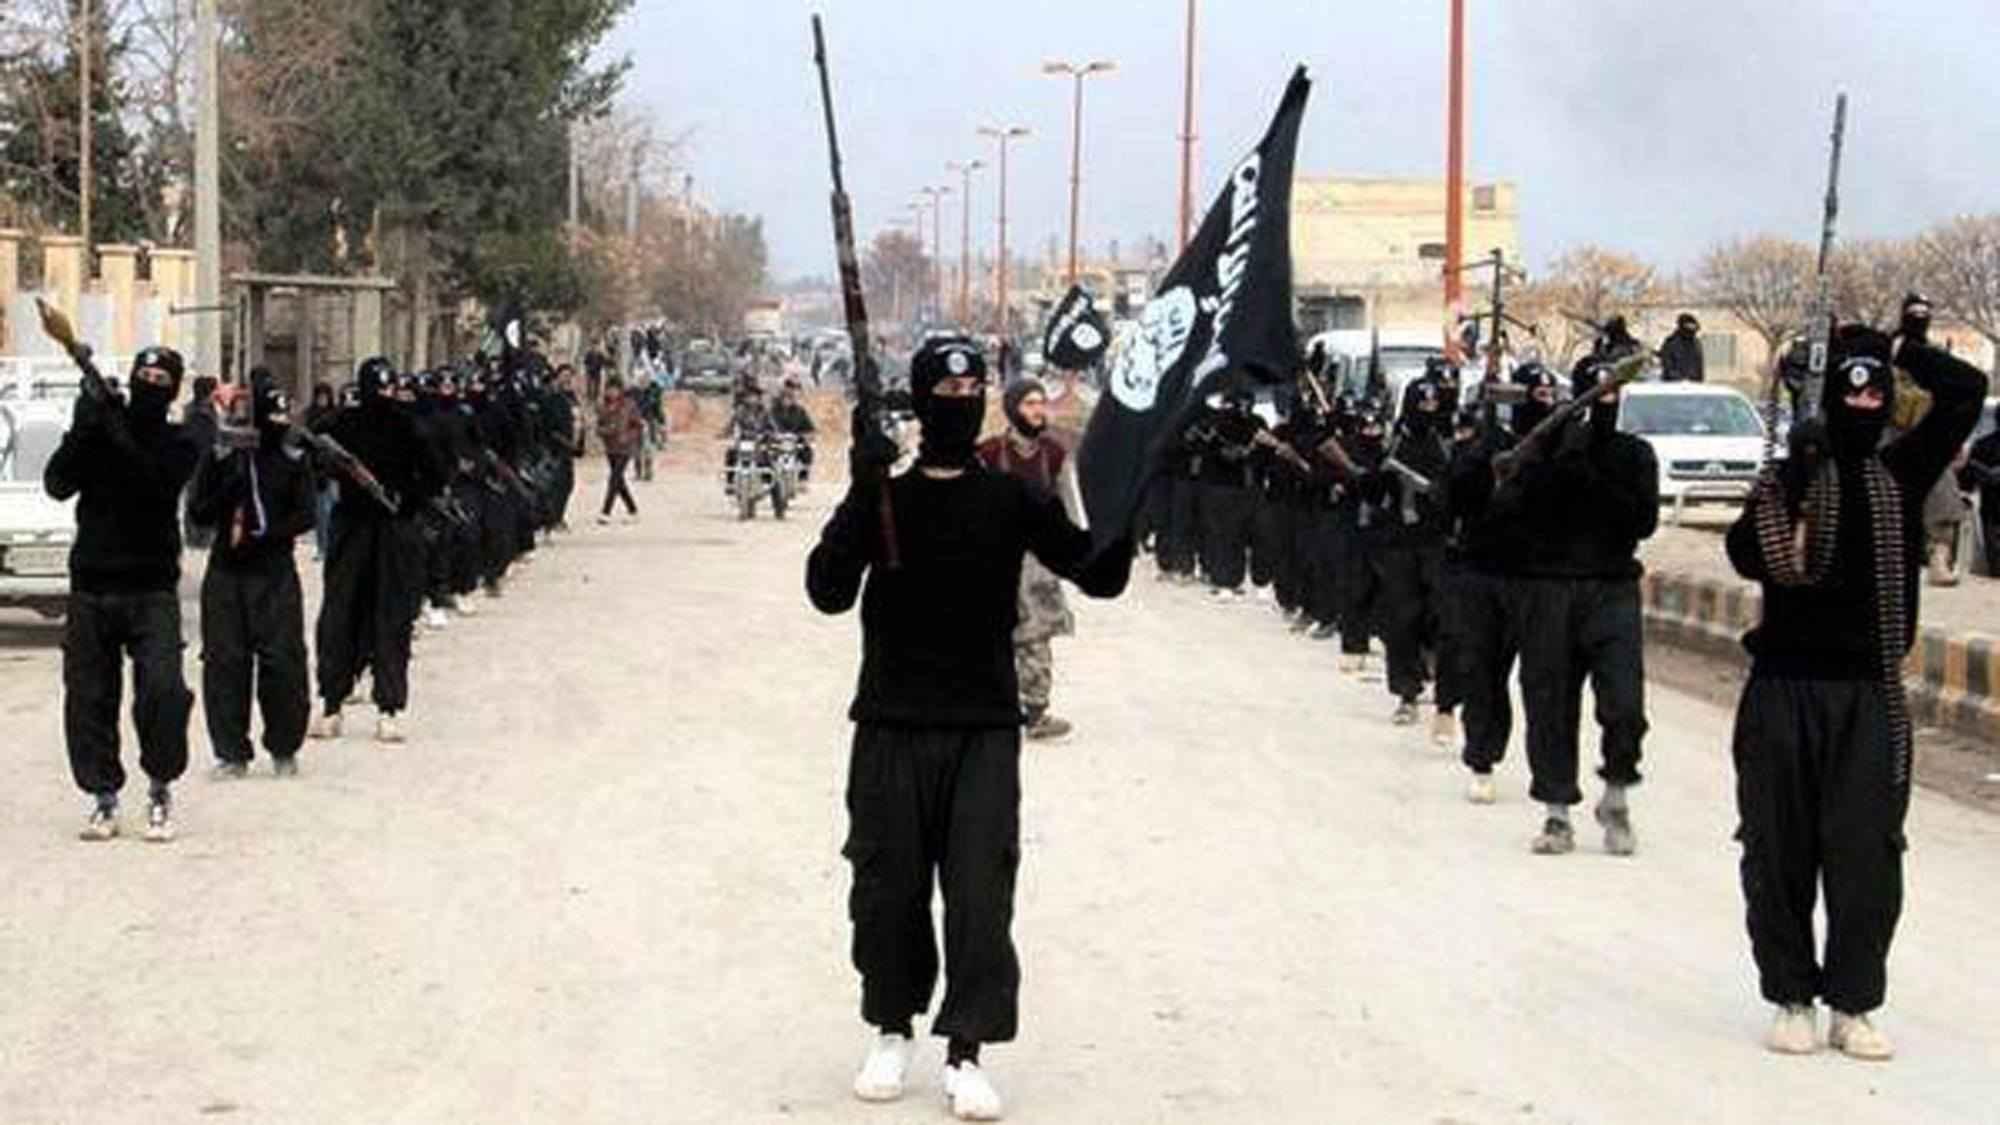 تروریست ها 10 هدف برای حمله داعش در ایران مشخص کردند